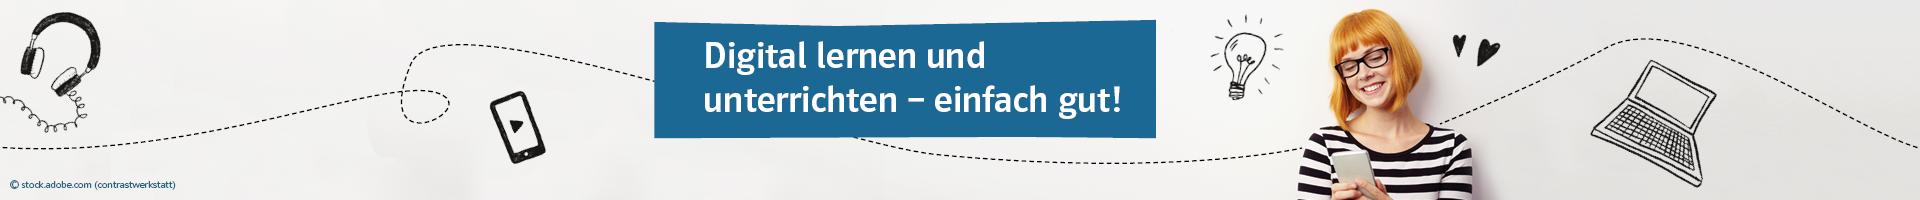 Downloads | Klett Sprachen